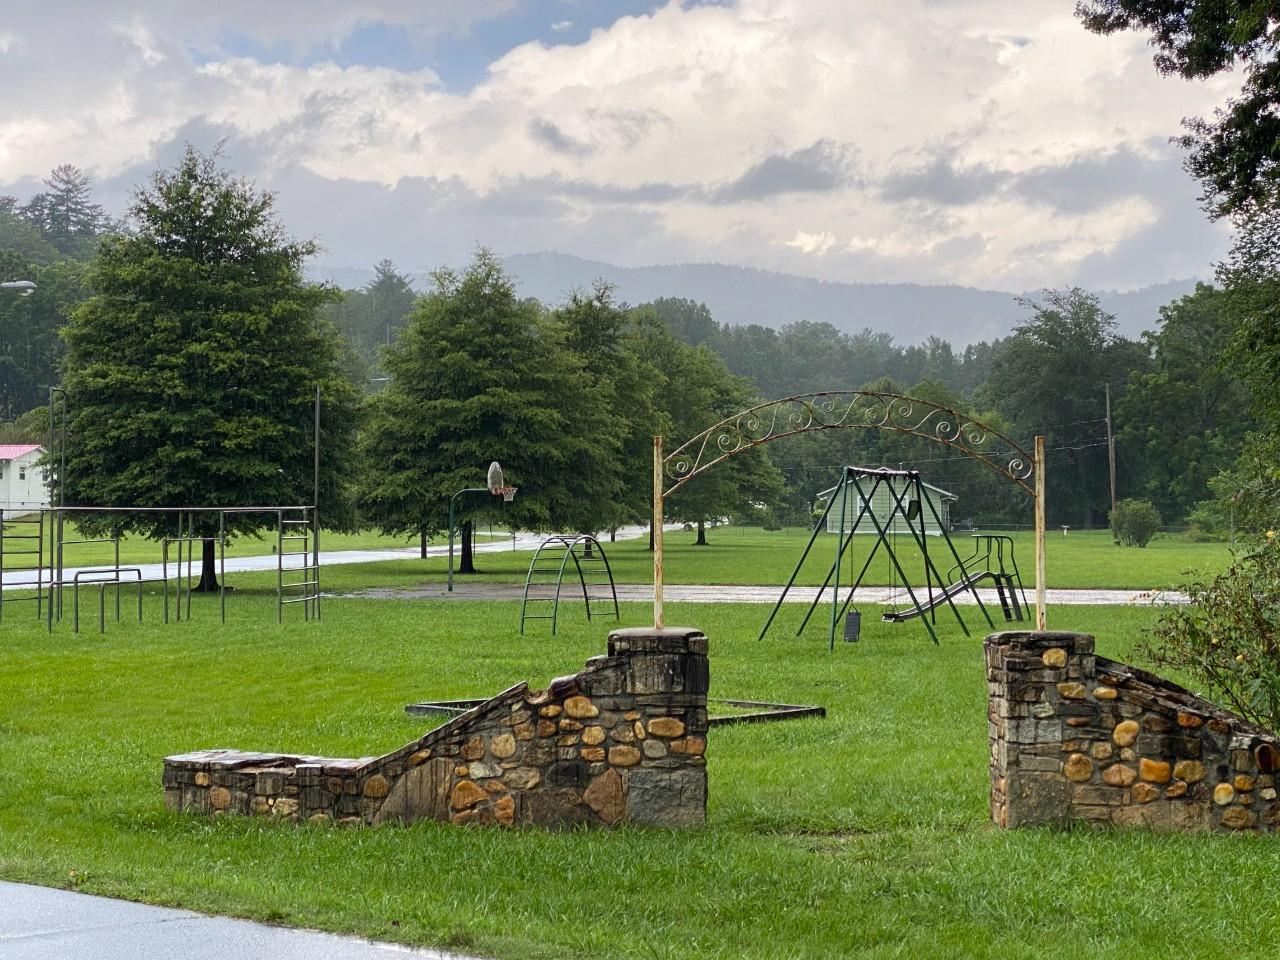 Silversteen playground